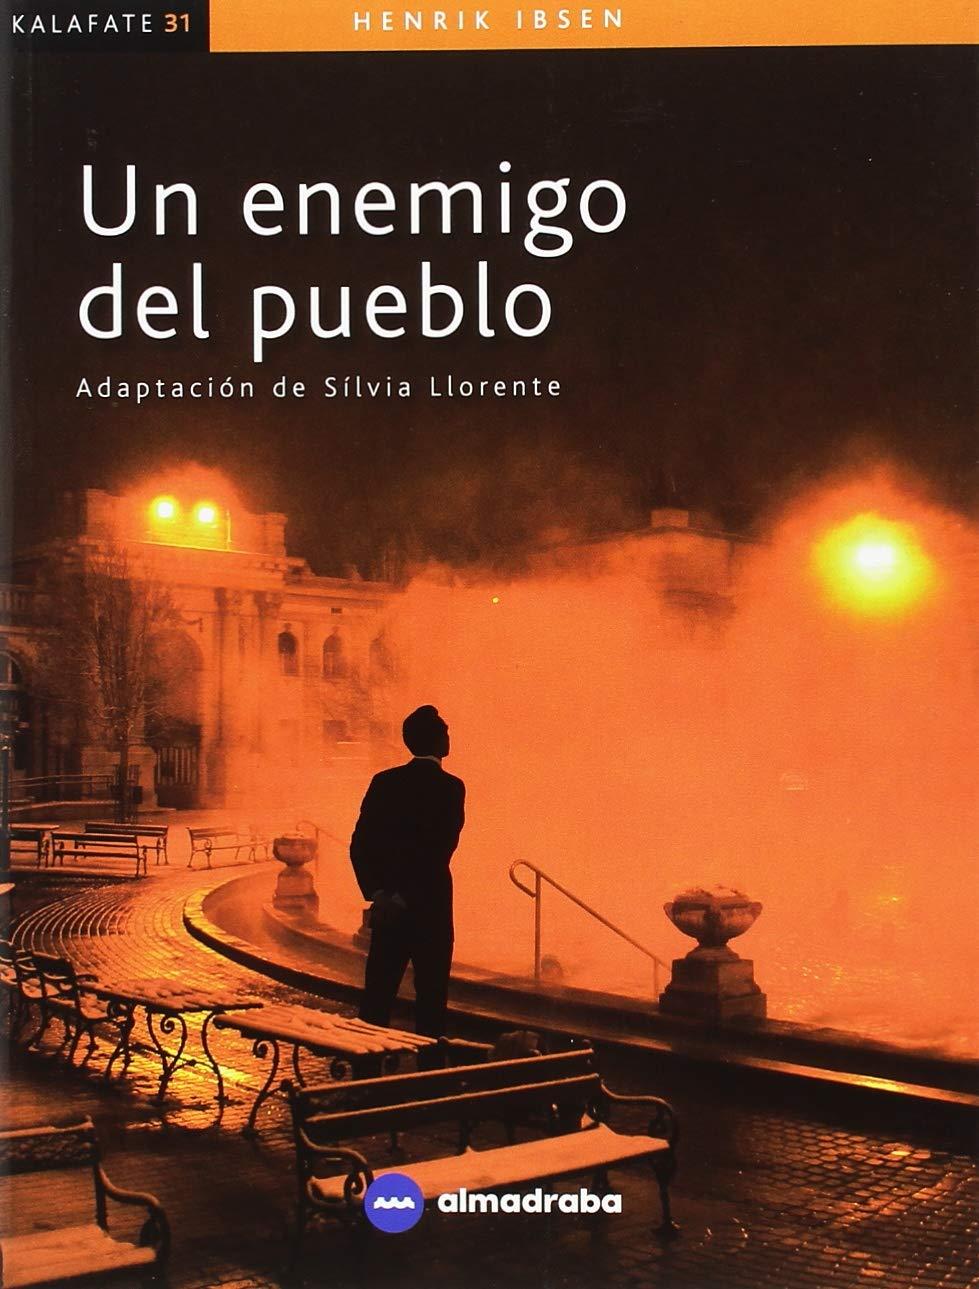 Un enemigo del pueblo (Kalafate): Amazon.es: Llorente, Silvia, Ibsen, Henry: Libros